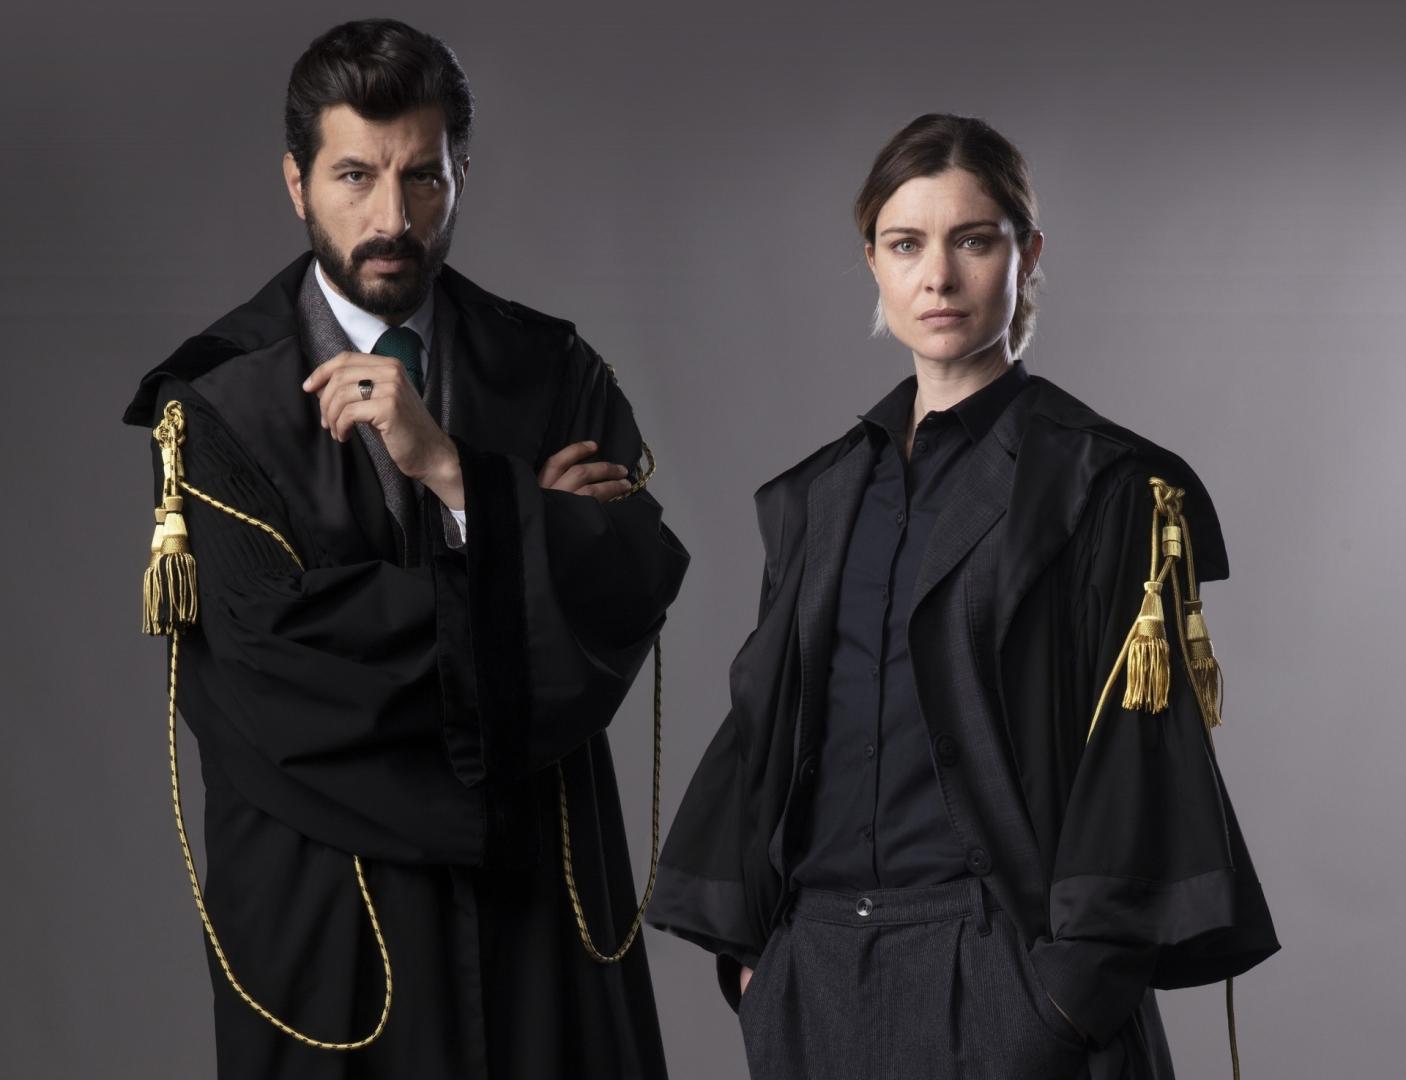 Il processo puntata 29 novembre Vittoria Puccini e Francesco Scianna